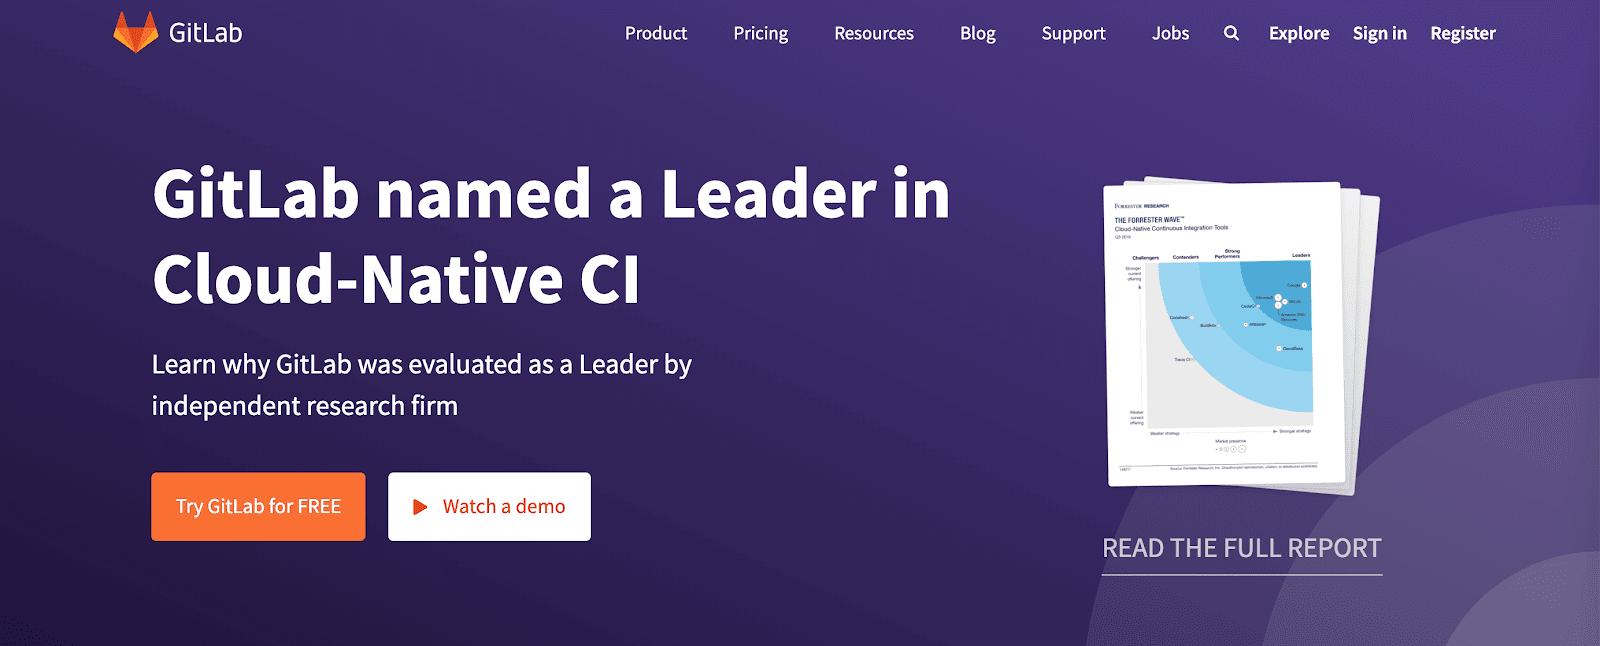 Página inicial do GitLab